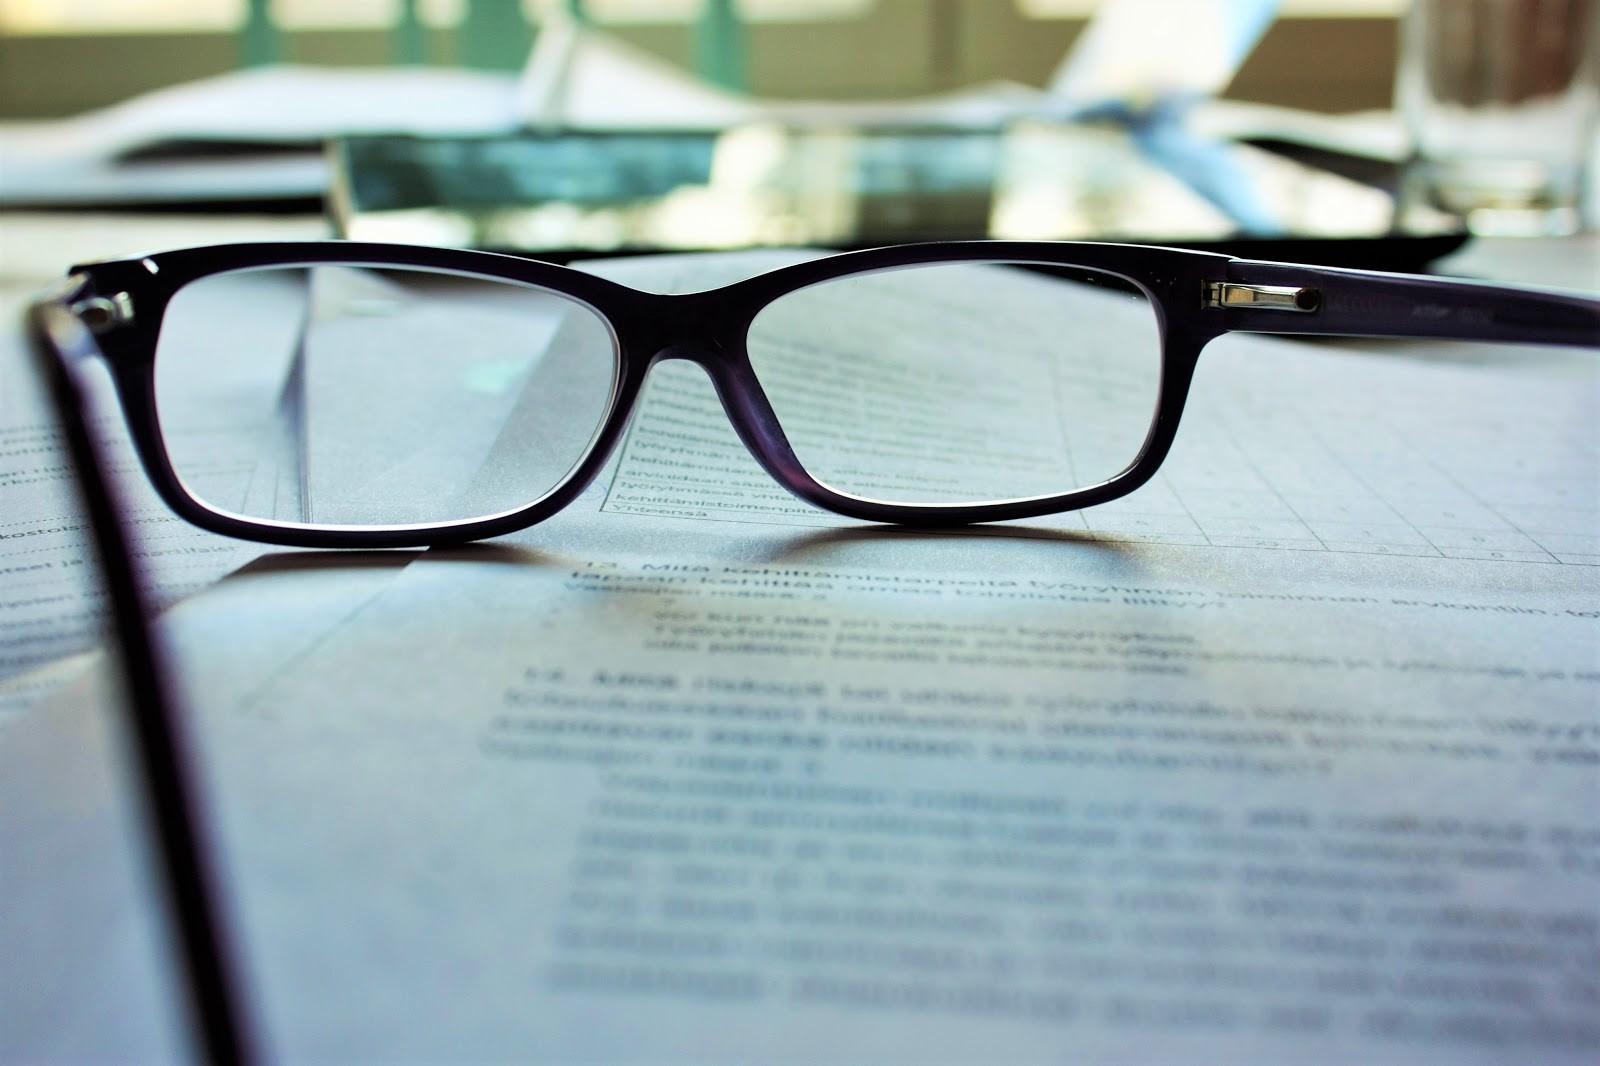 Súvisí náhle zhoršenie zraku z vaším zdravotným stavom  f84788dd79